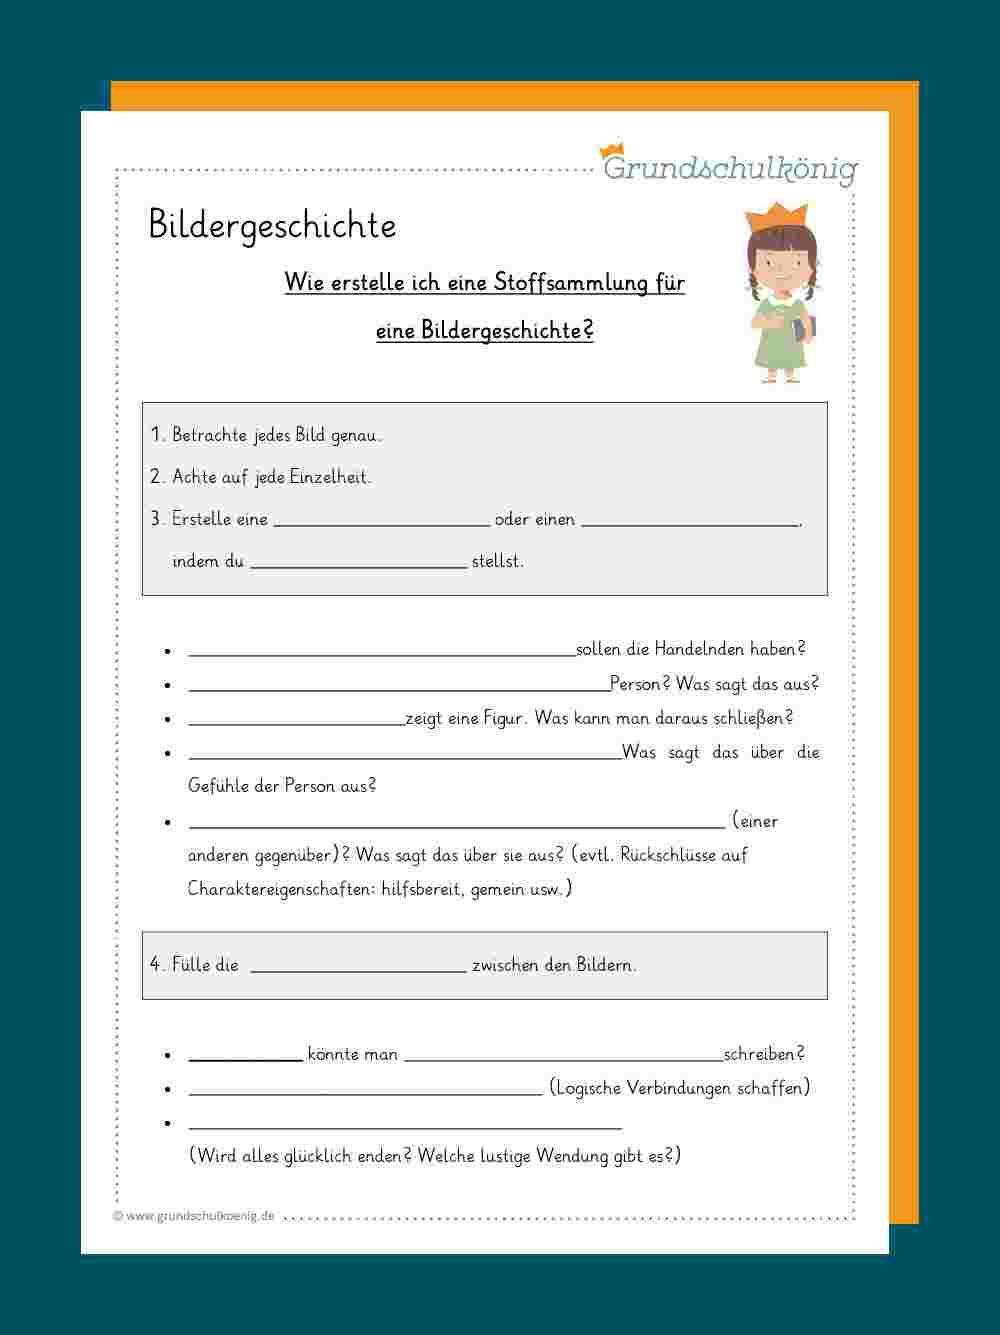 Bildergeschichte bei Abwechslungsreiche Satzanfänge Arbeitsblatt Zur Übung